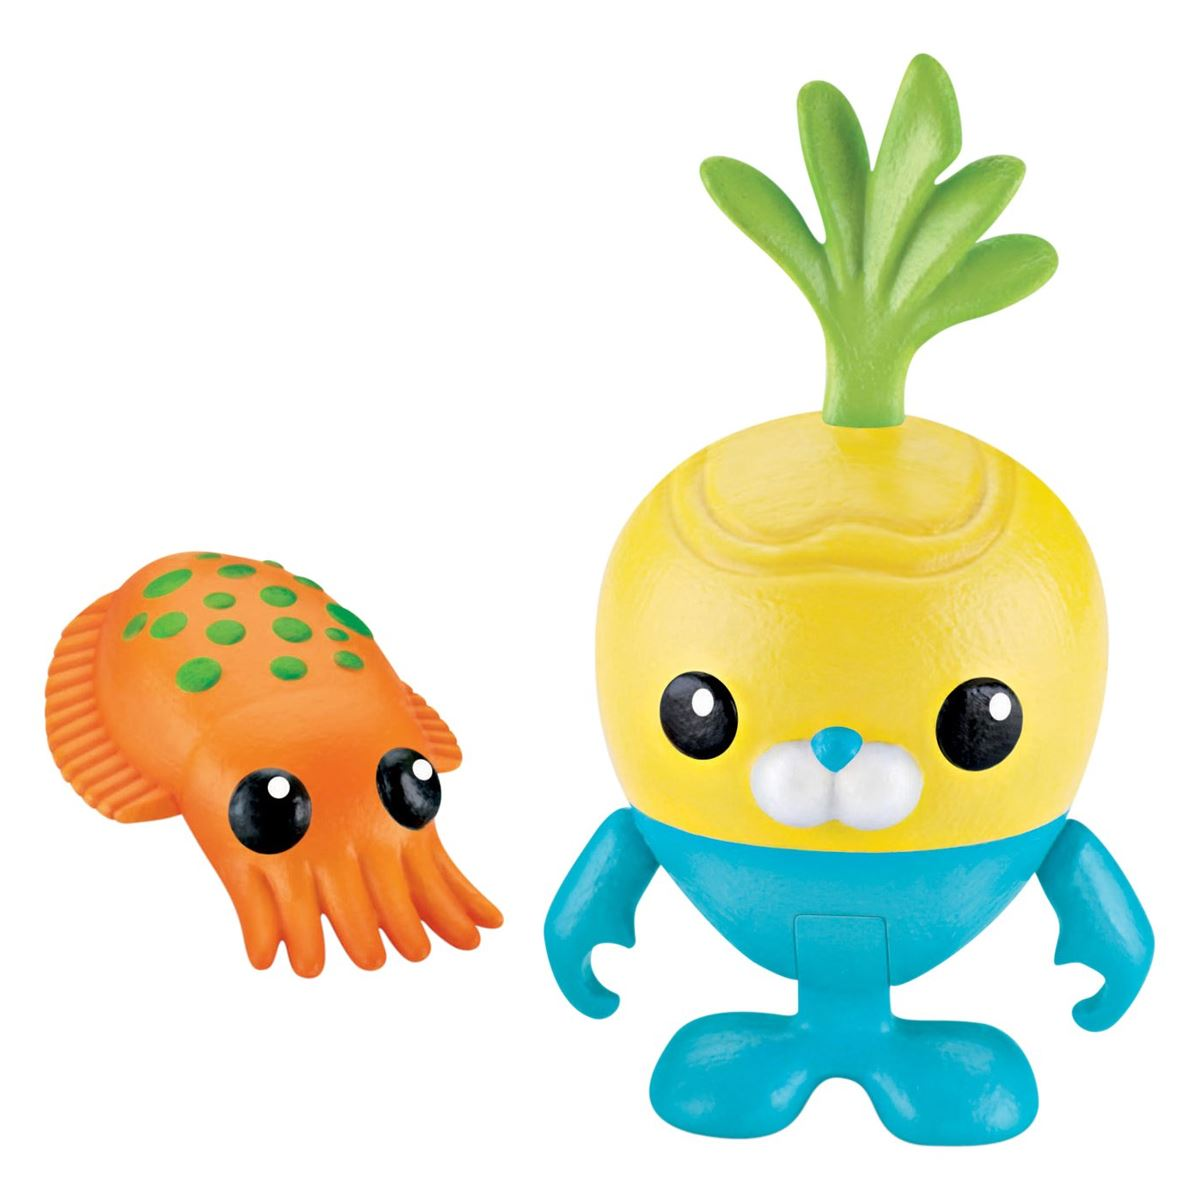 New-Octonauts-Barnacles-Tweak-Peso-Tunip-Or-Dashi-Creature-Figure-Pack-Official